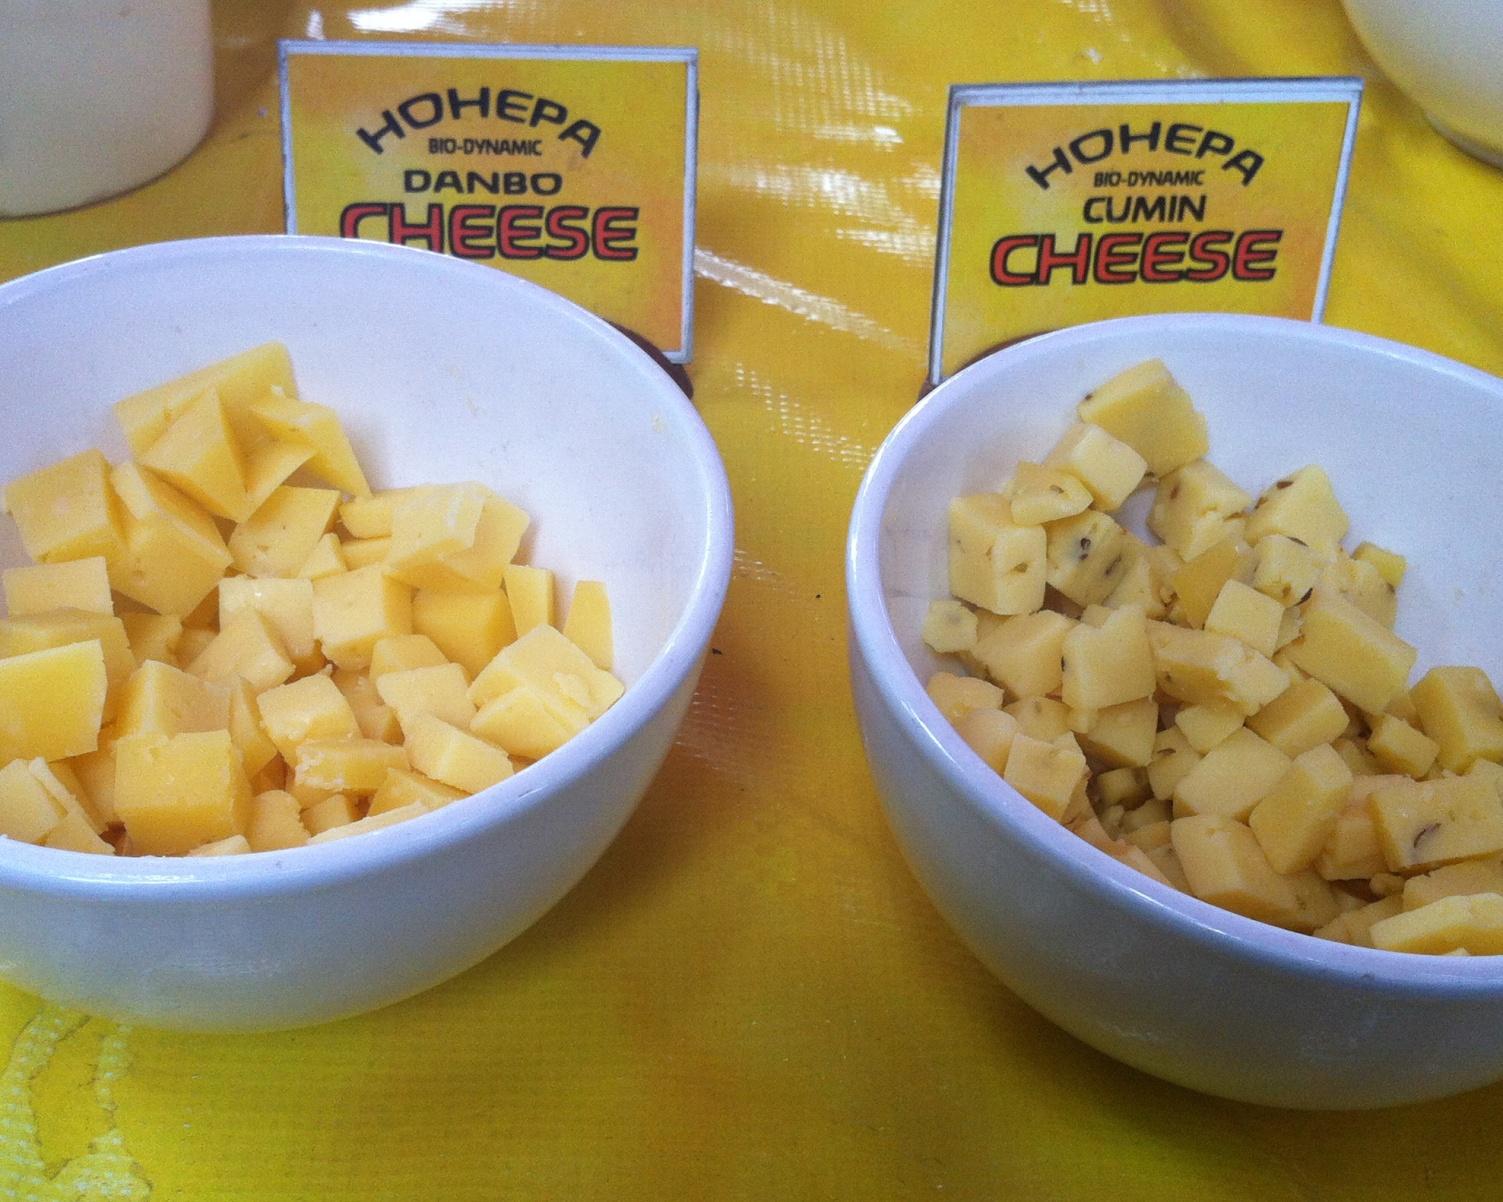 Hohepa Cheese